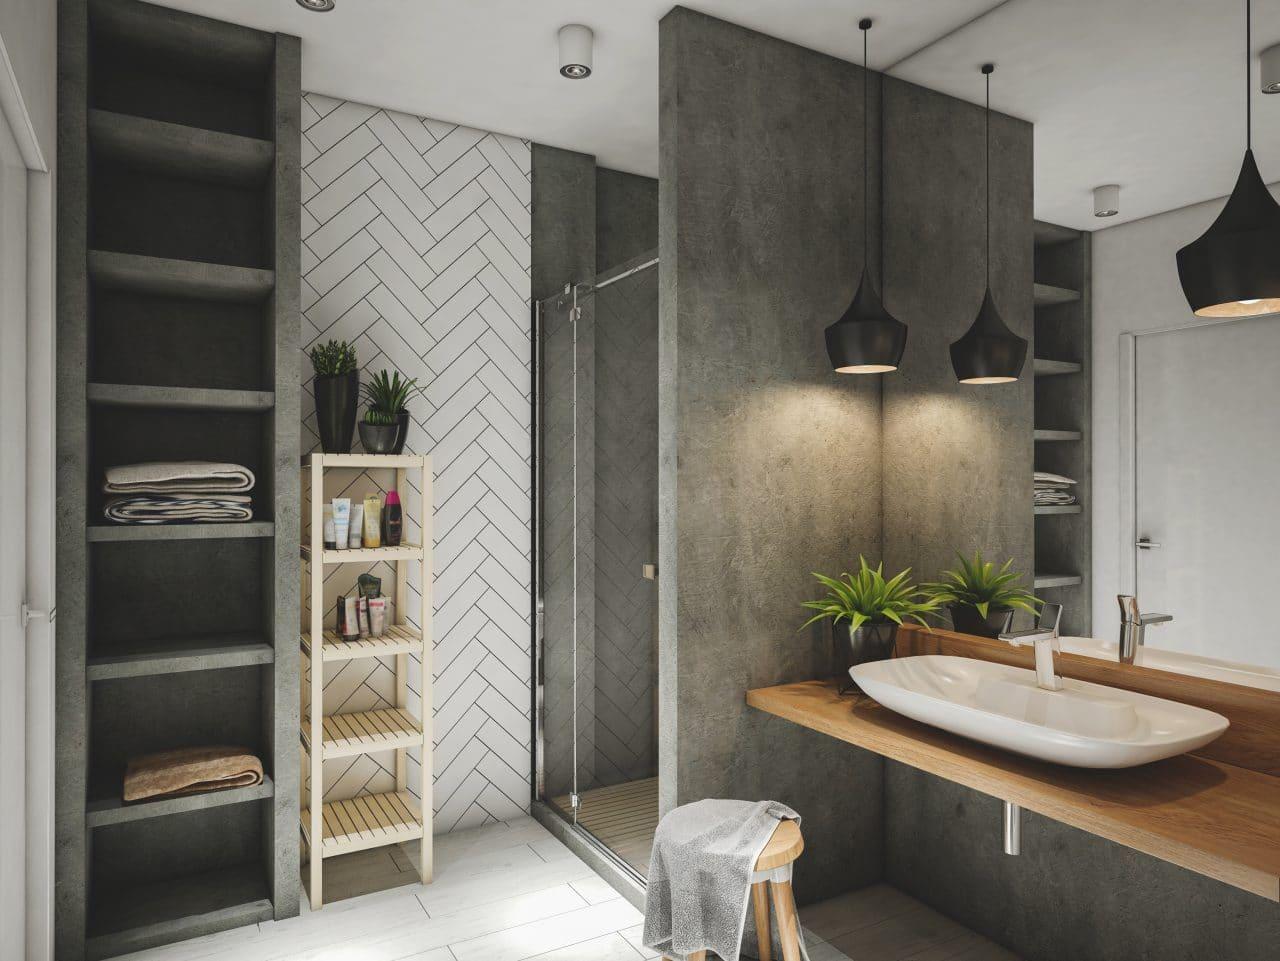 Amenager Une Salle De Bain De 10M2 rénovation salle de bain : guide, prix au m2 et devis